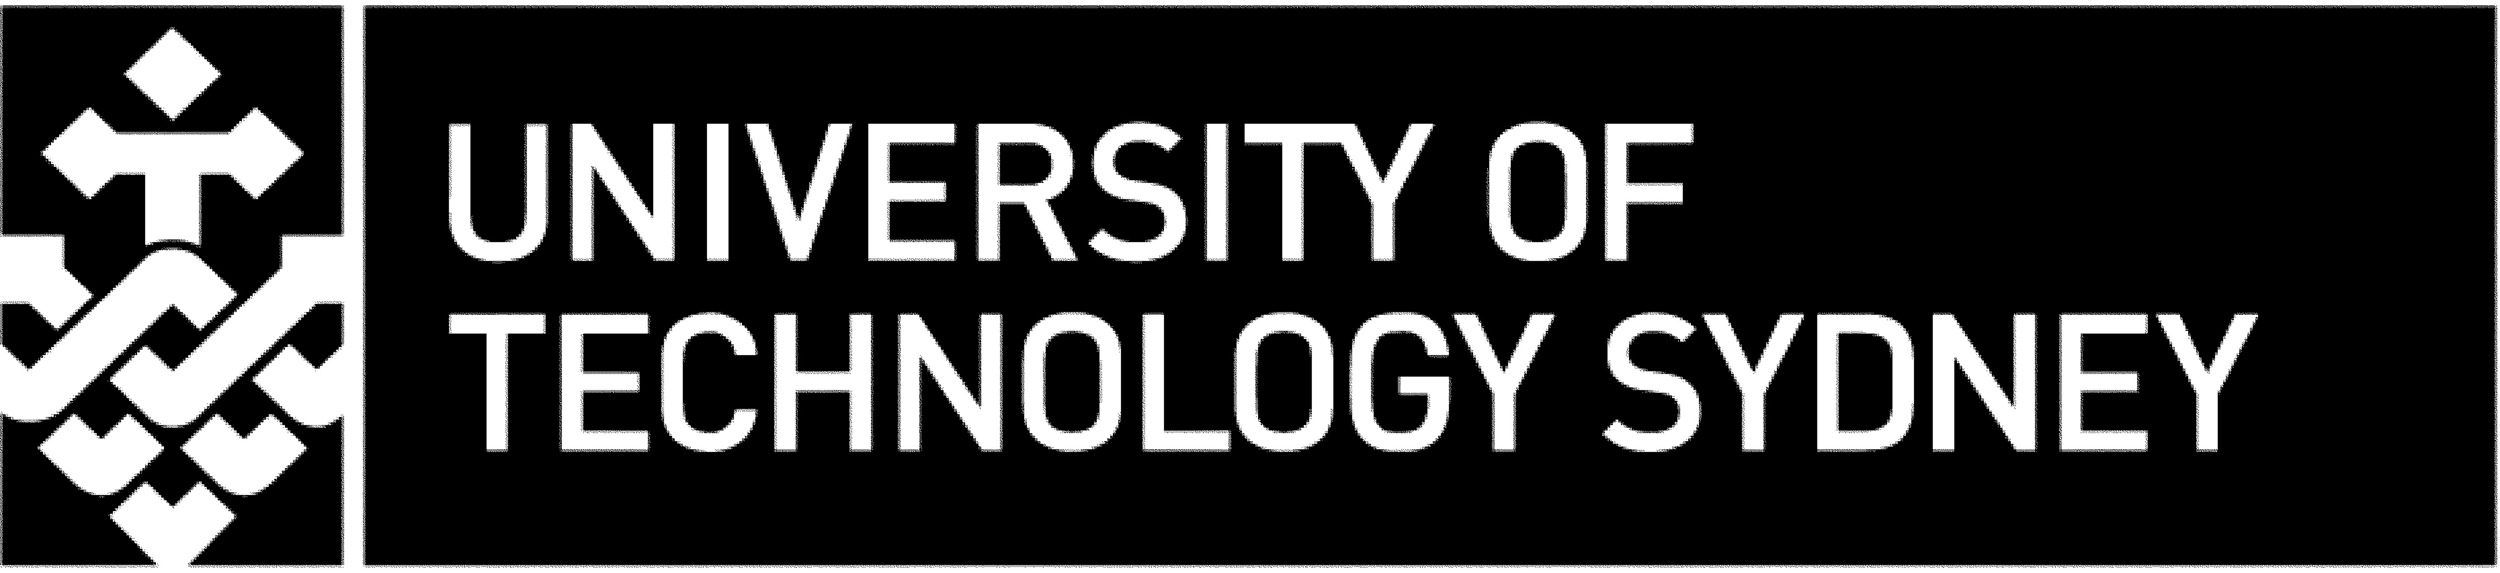 University of Technology Sydney